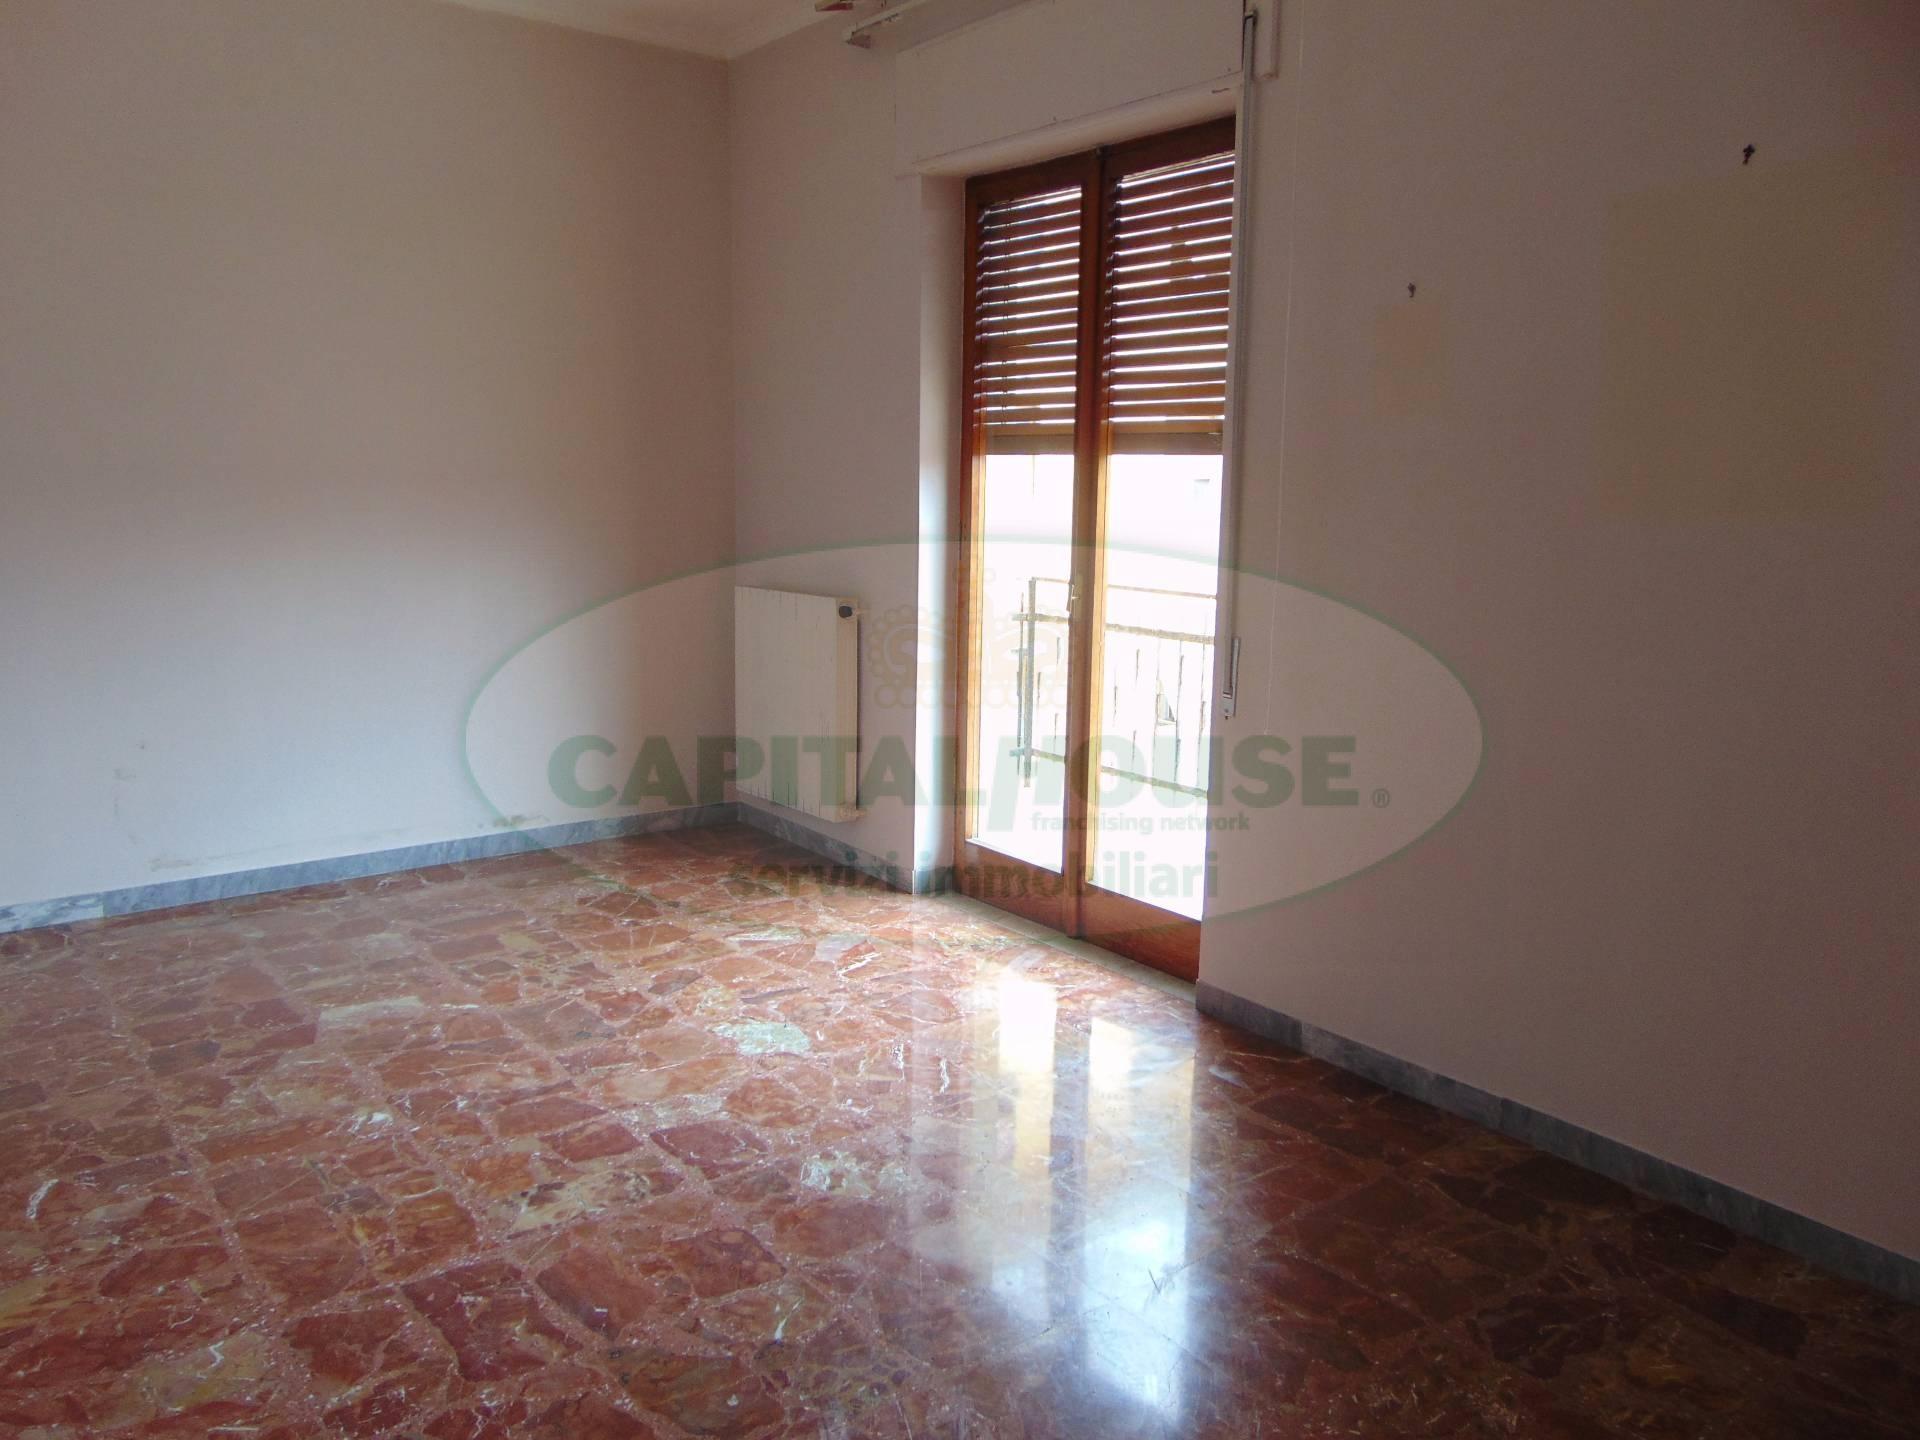 Appartamento in affitto a Santa Maria Capua Vetere, 3 locali, prezzo € 330   CambioCasa.it